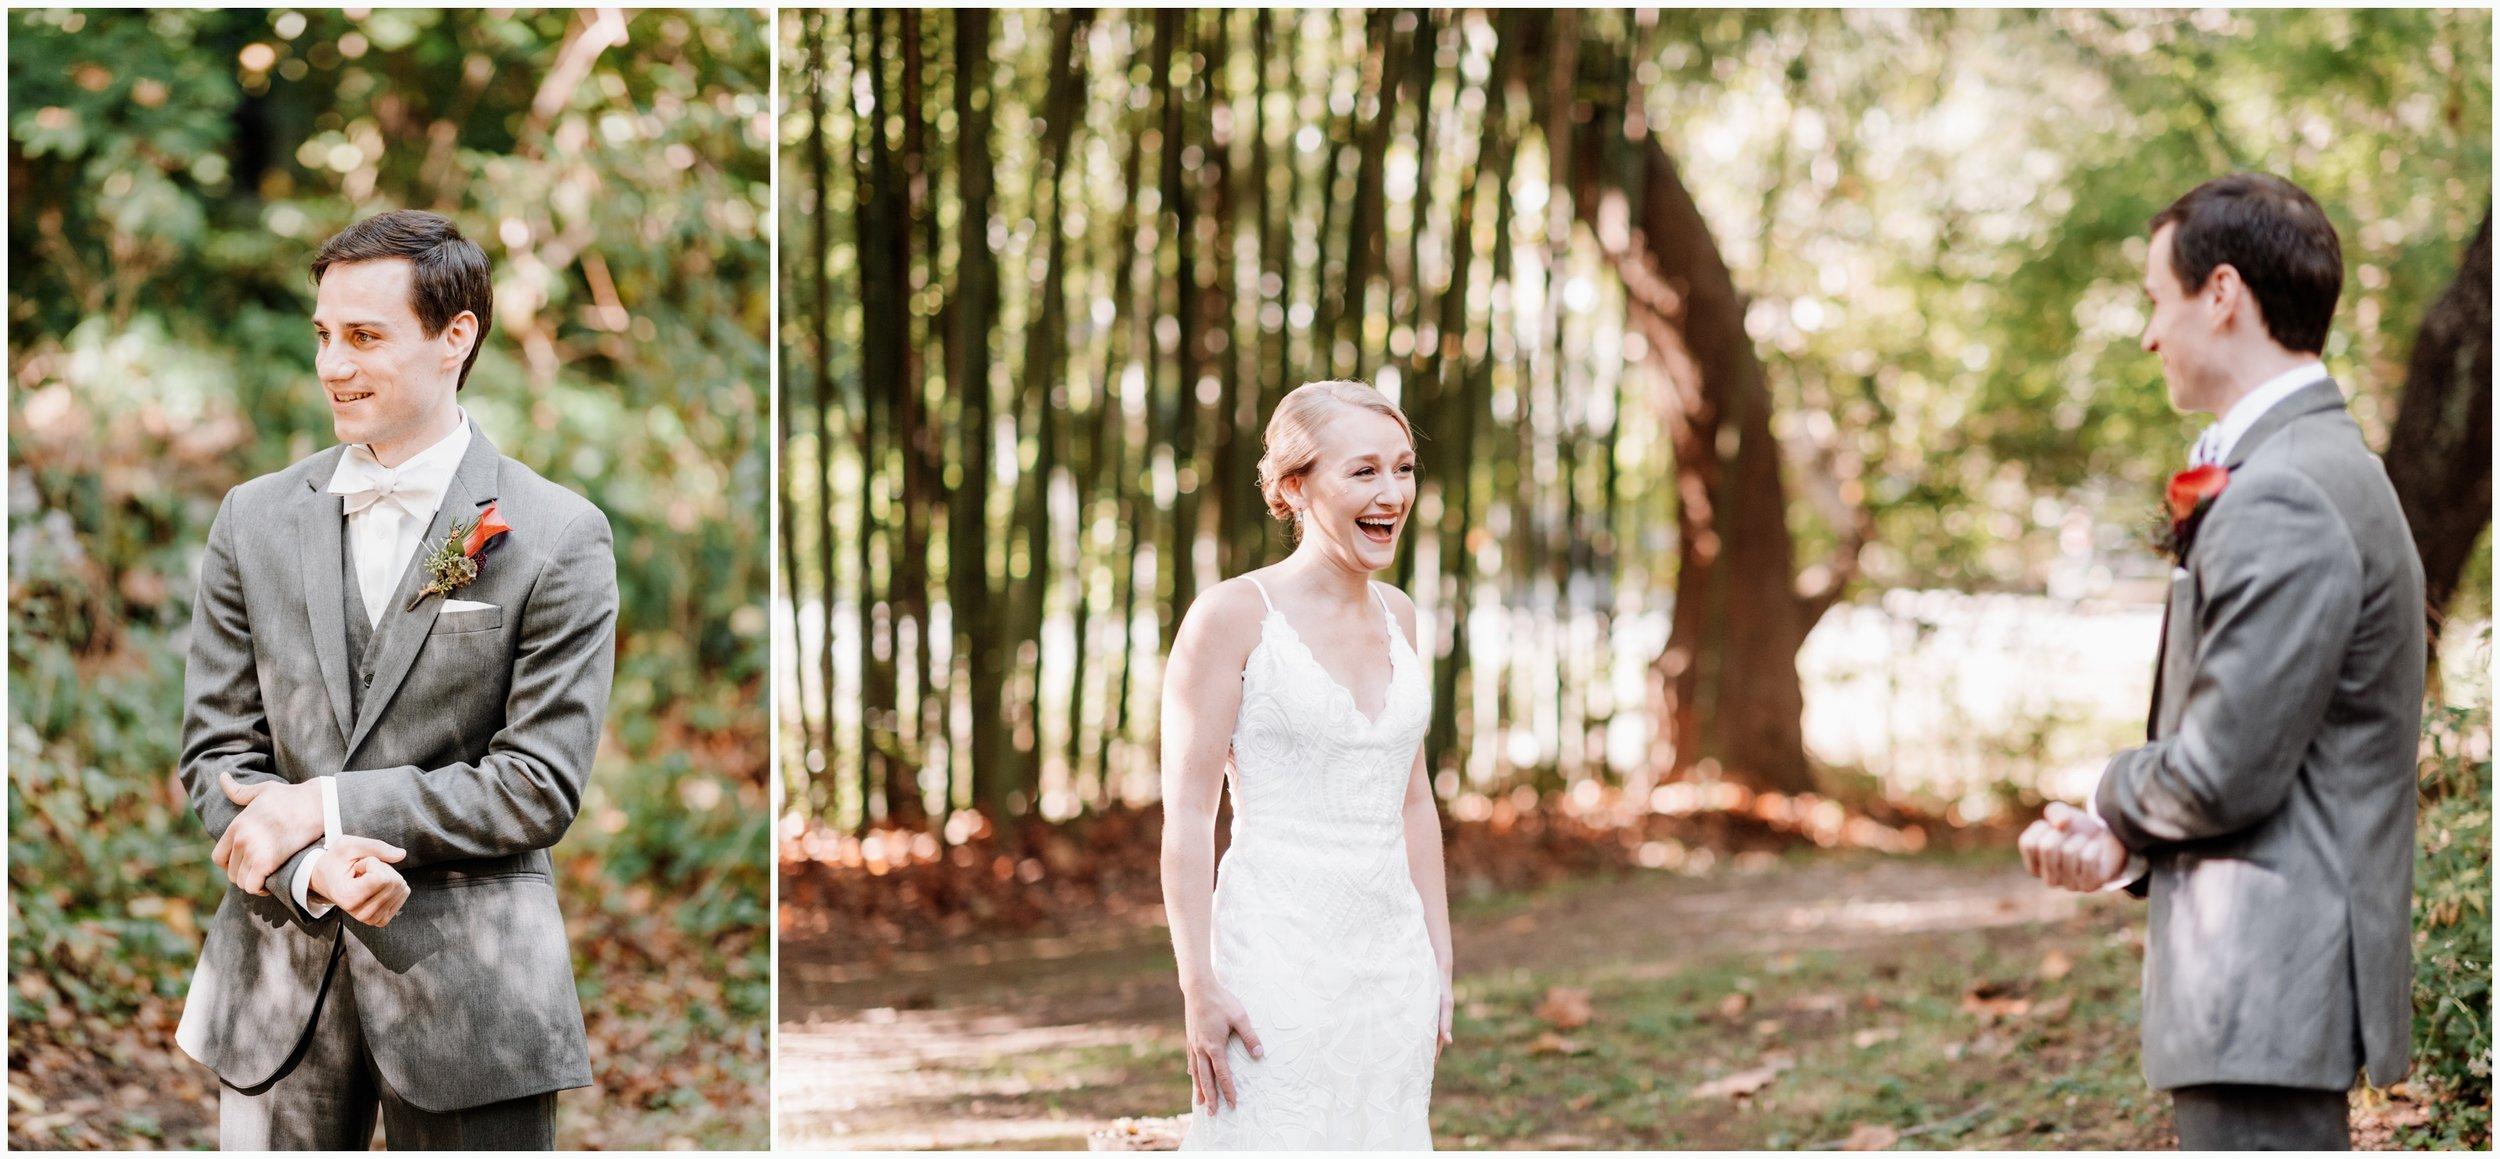 AshleyZachTheOldMillSharynFrenkelPhotography026.jpg